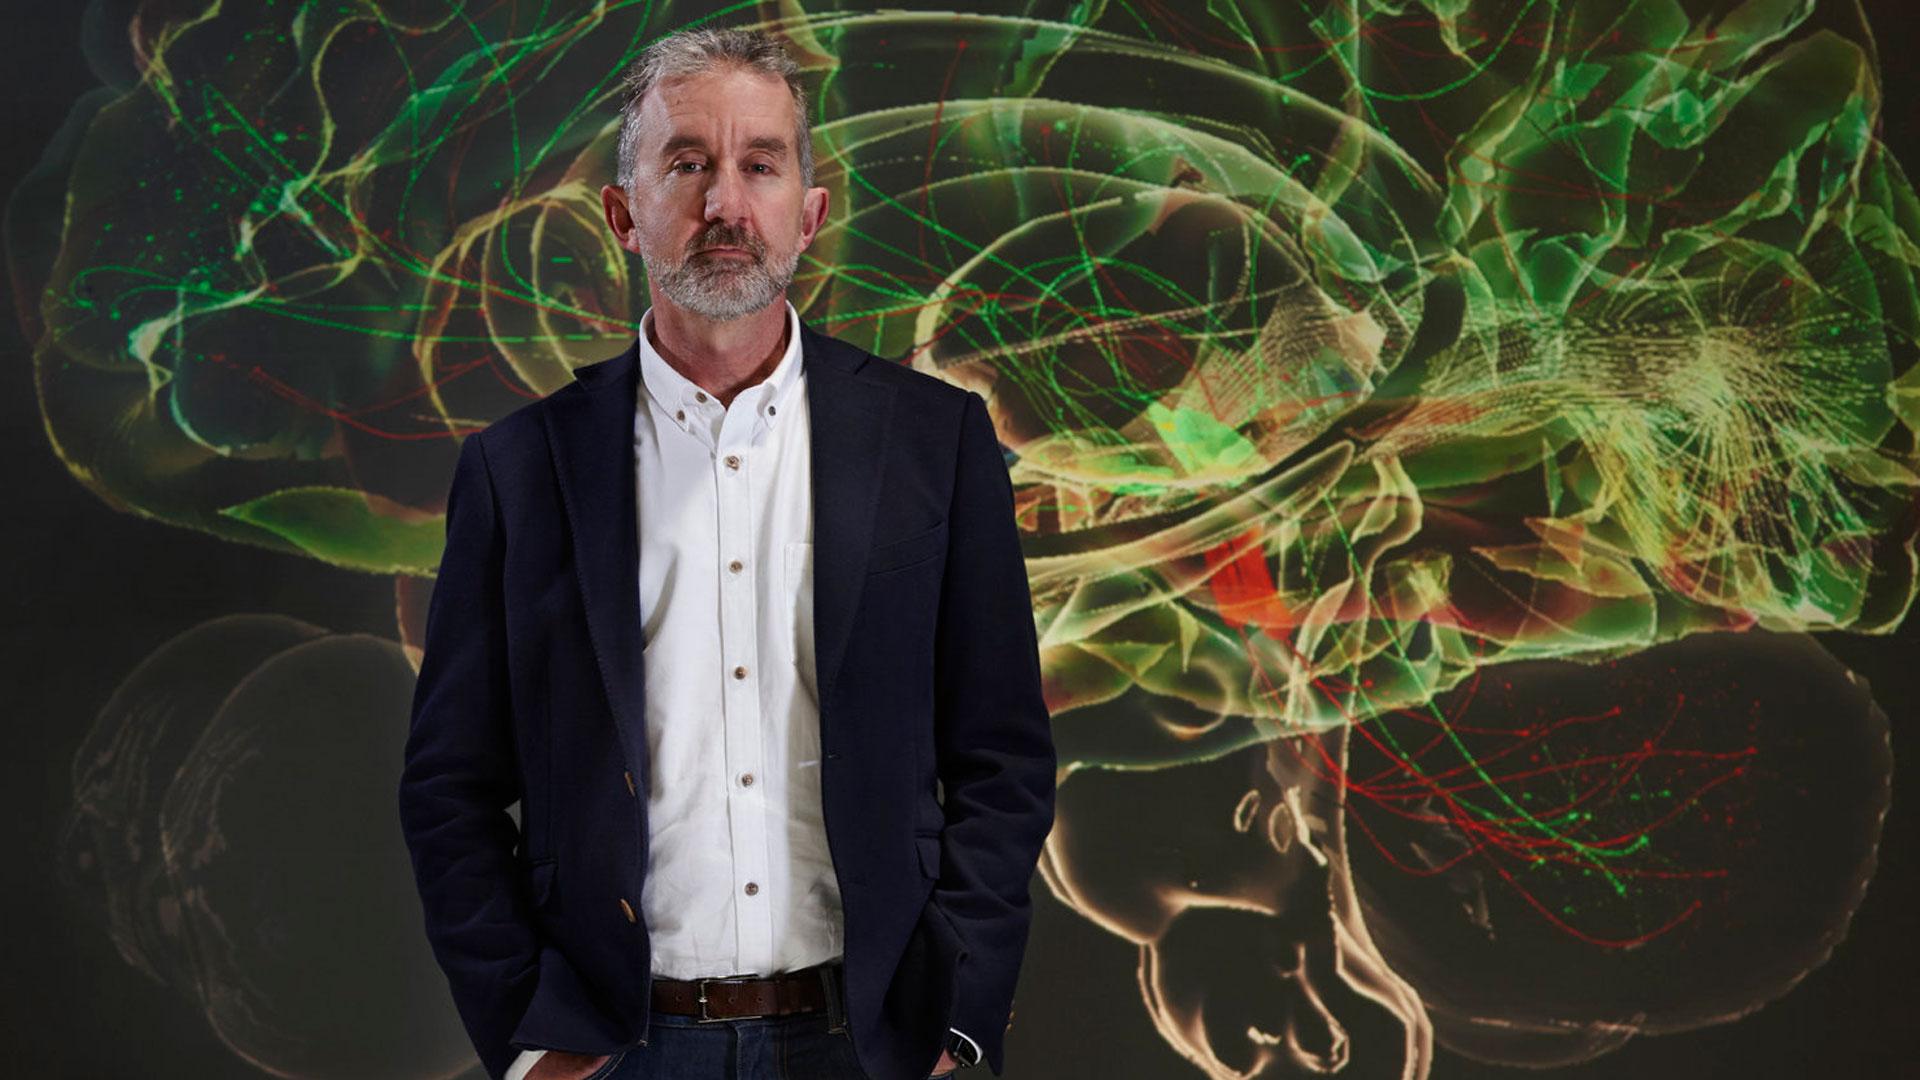 La mente curiosa: El cerebro social